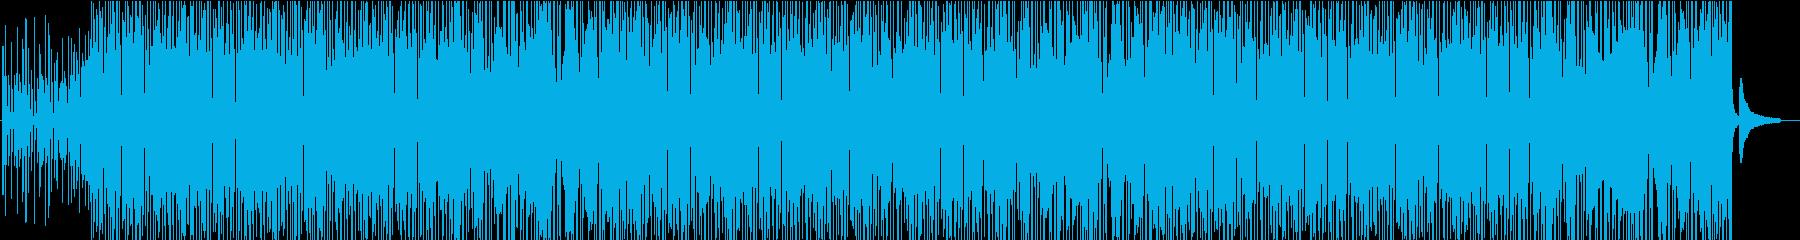 可愛くポップで元気なコンセプトムービー系の再生済みの波形